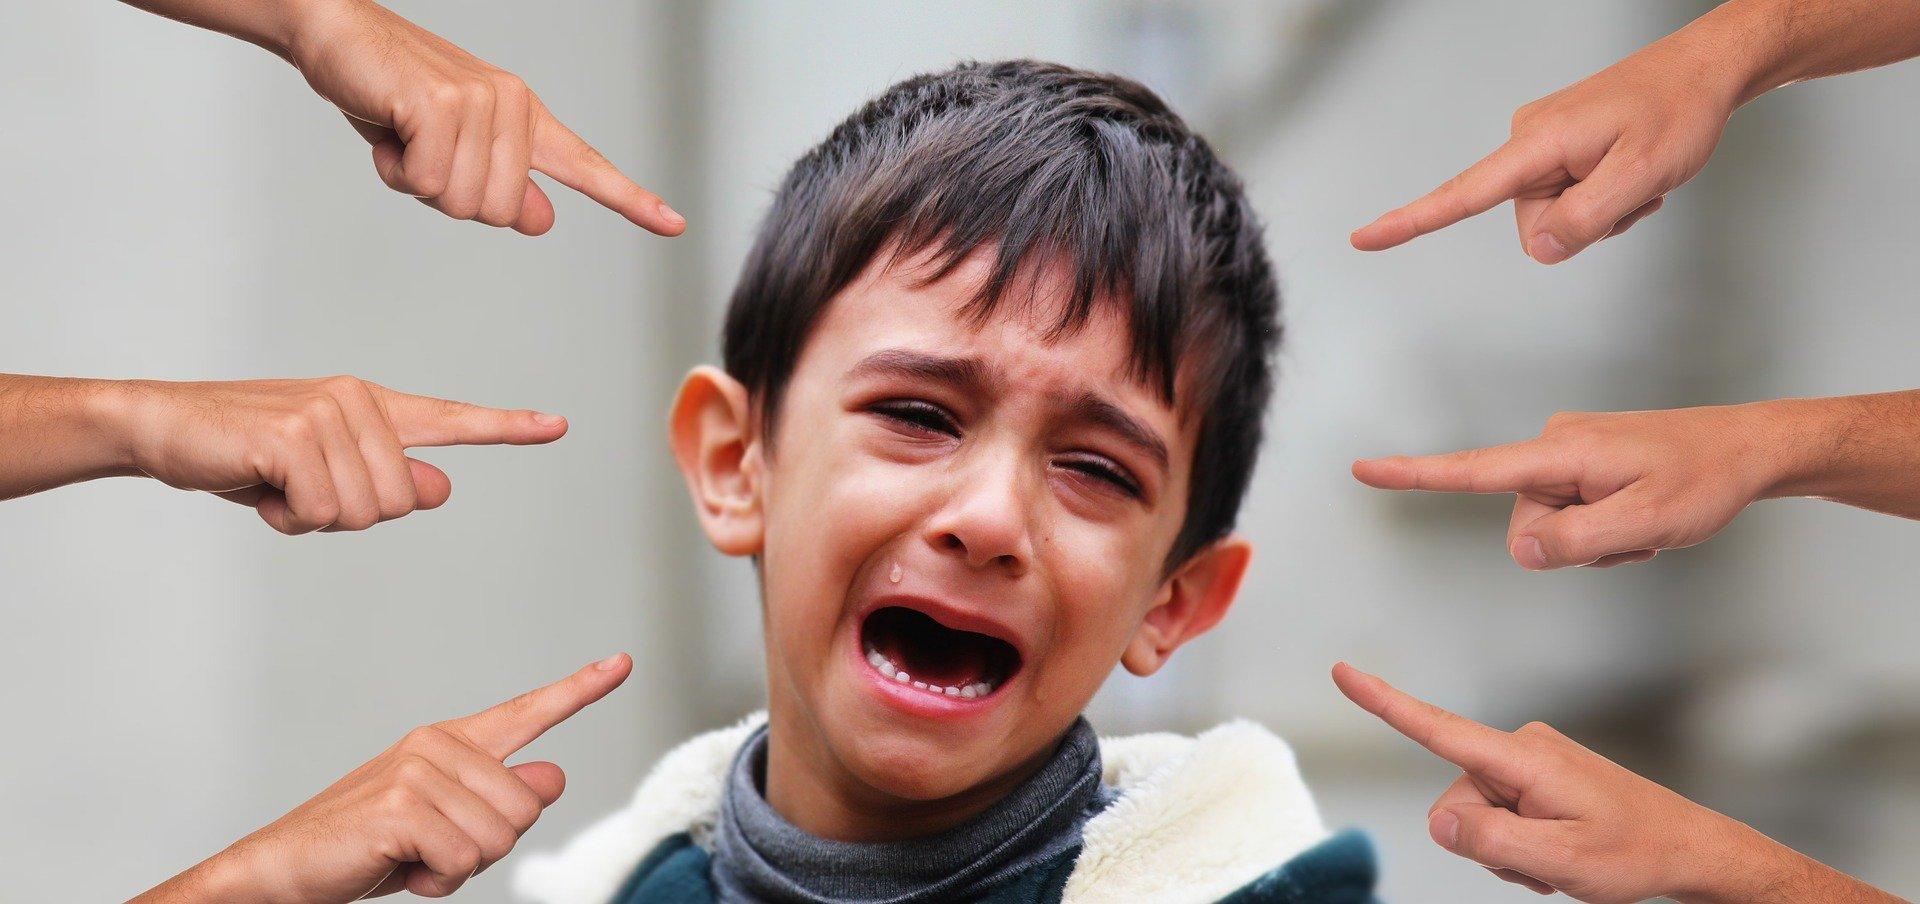 Правило четвертое – окружить детей заботой